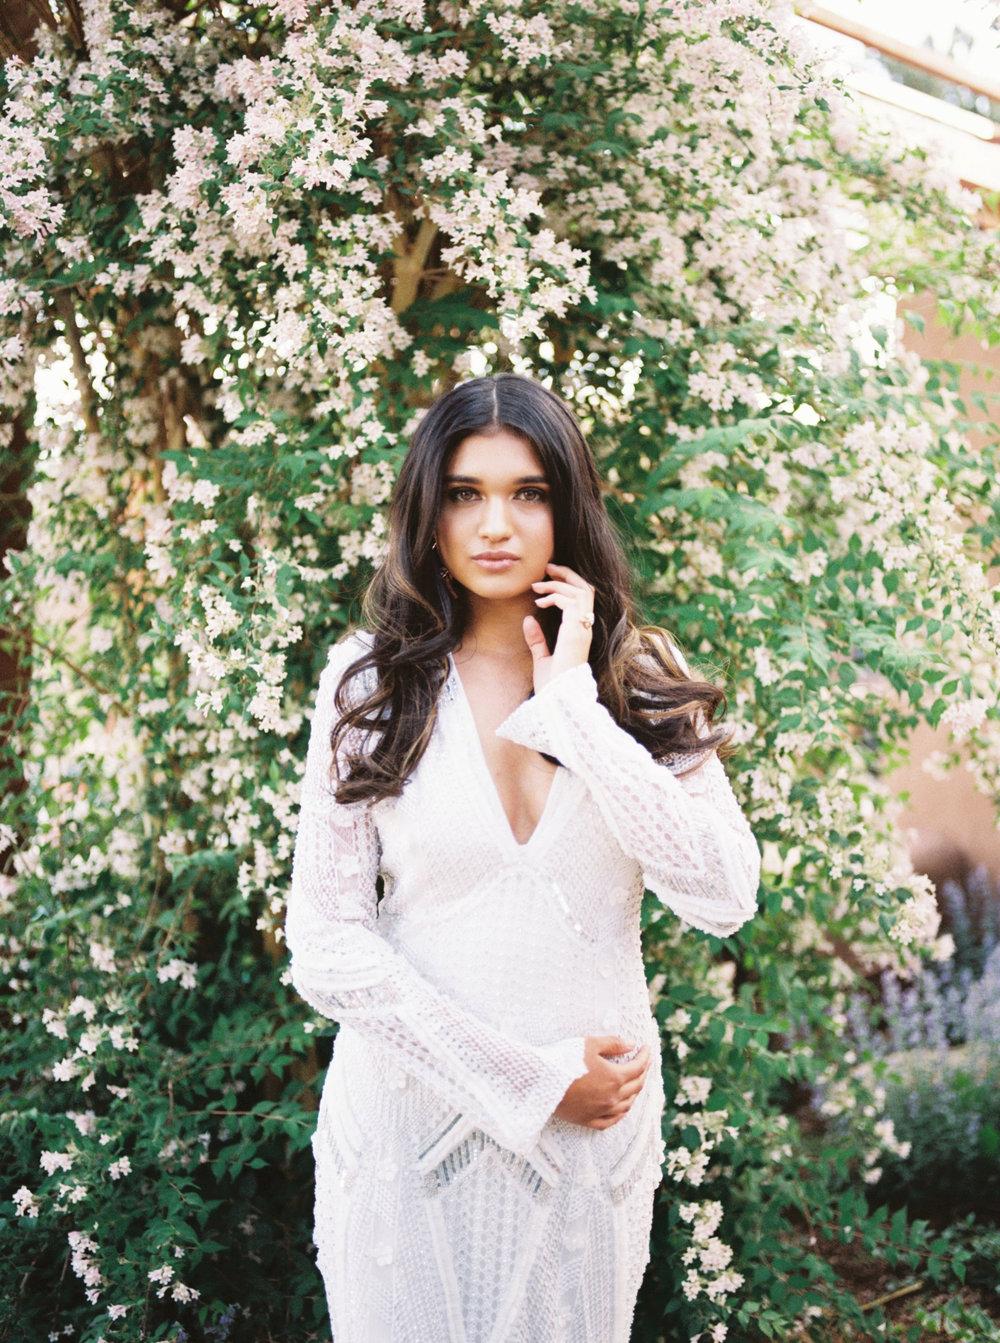 Santa Fe Wedding Editorial featured on Wedding Sparrow by Tara Bielecki Photography